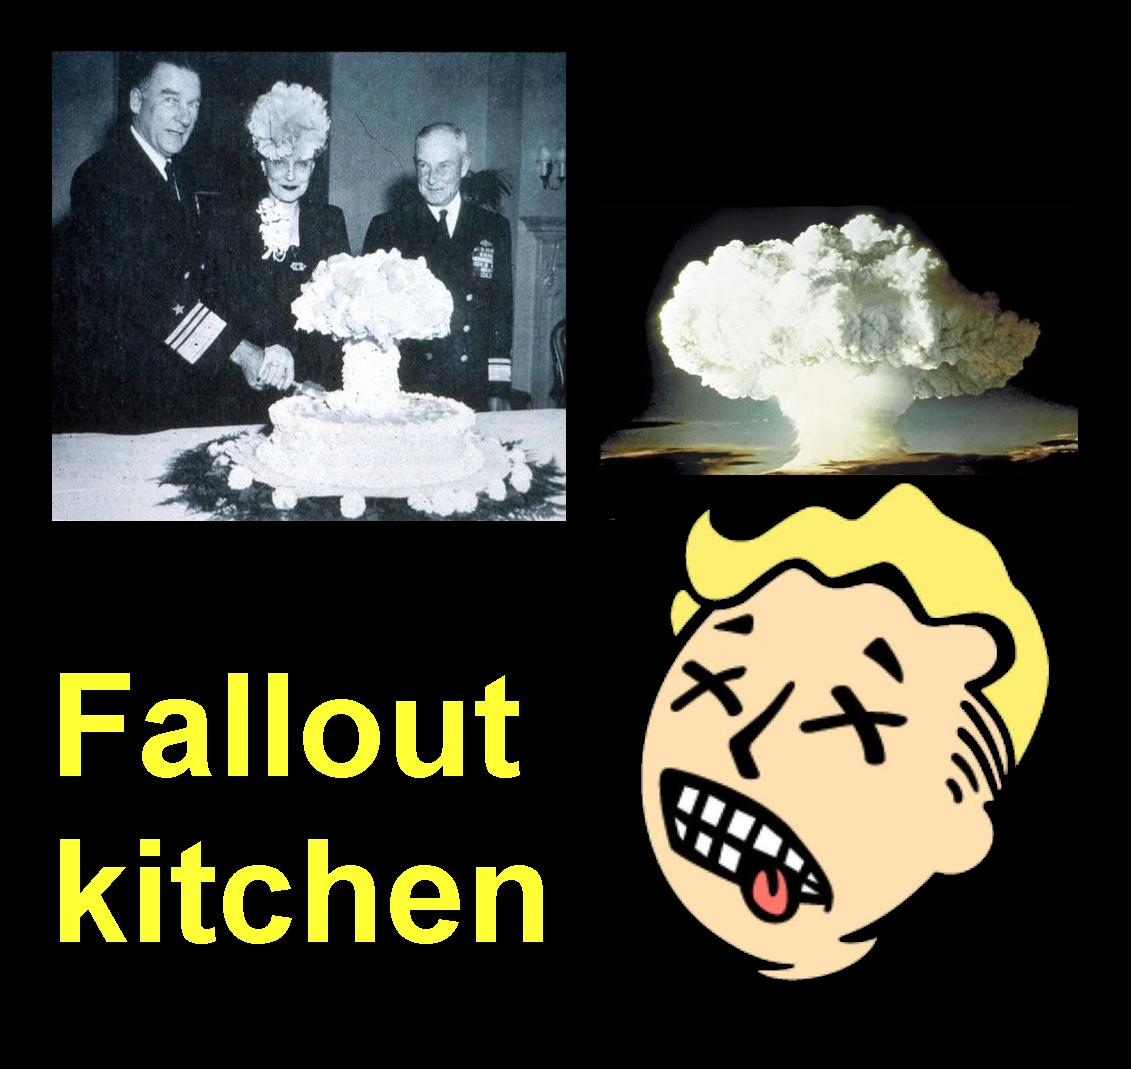 Fallout kitchen